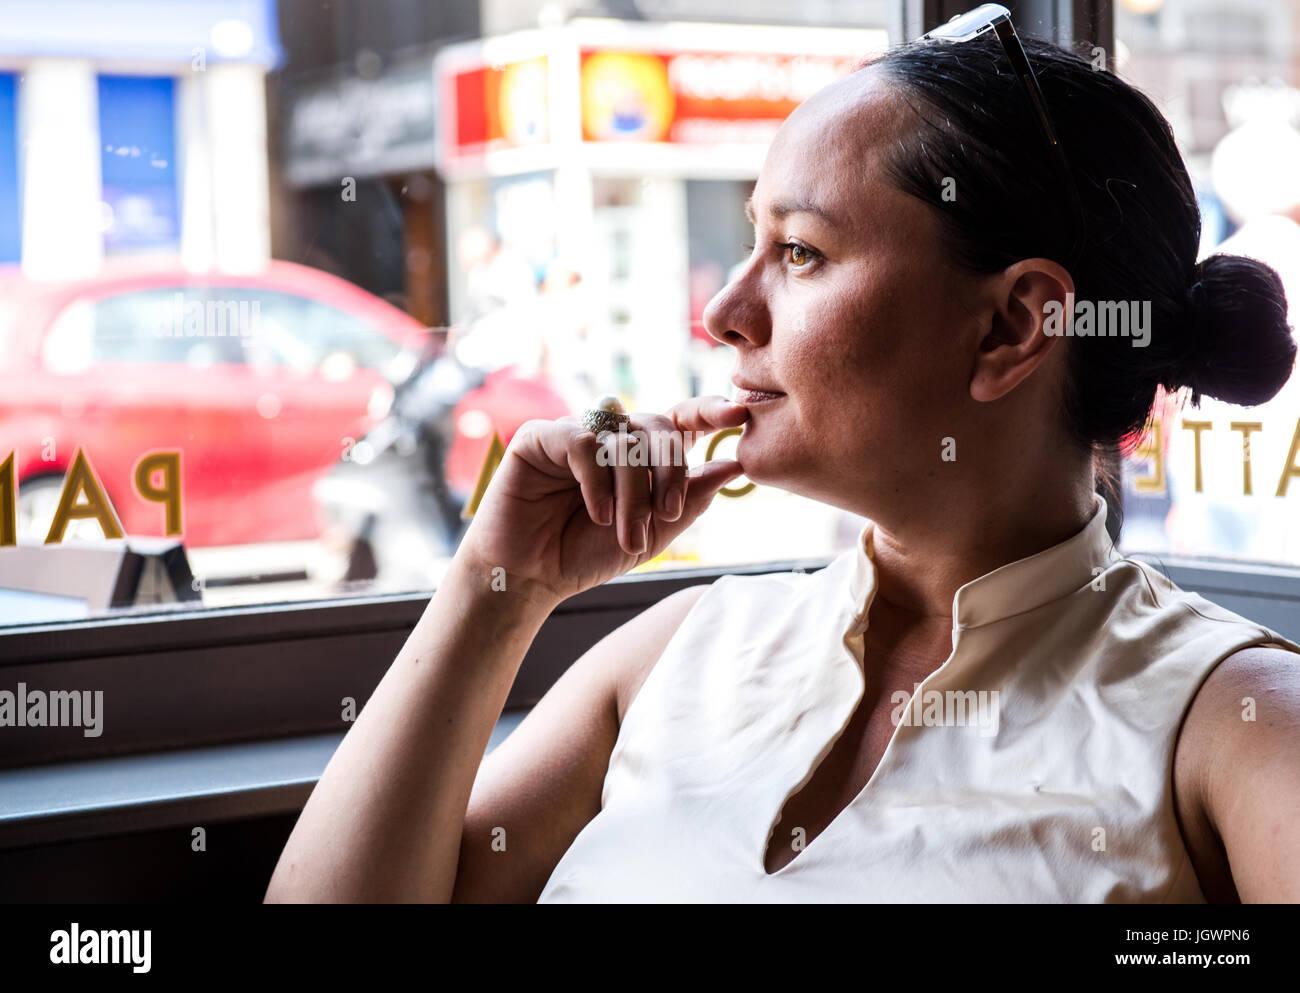 La empresaria con la mano en el mentón en el café bar Imagen De Stock